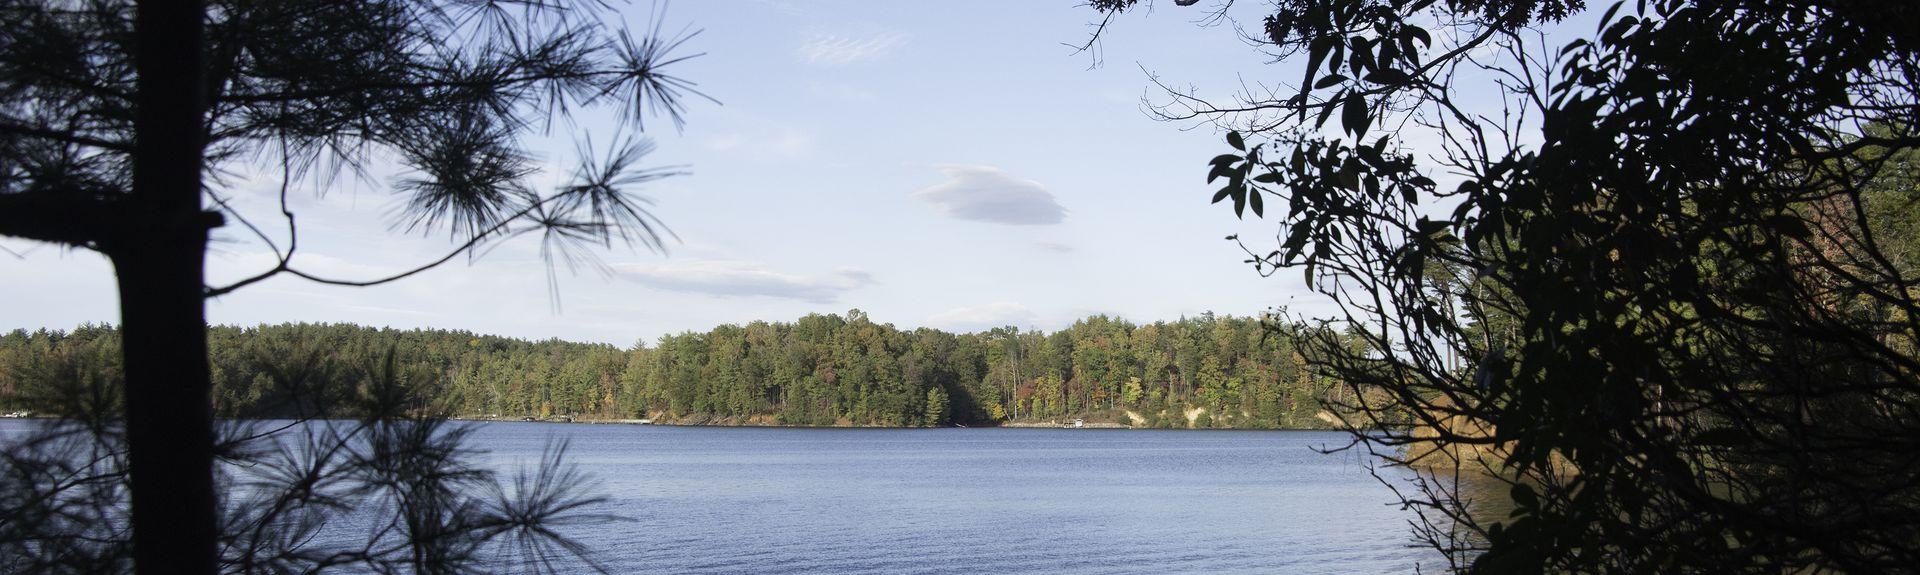 Lake James, Nebo, North Carolina, United States